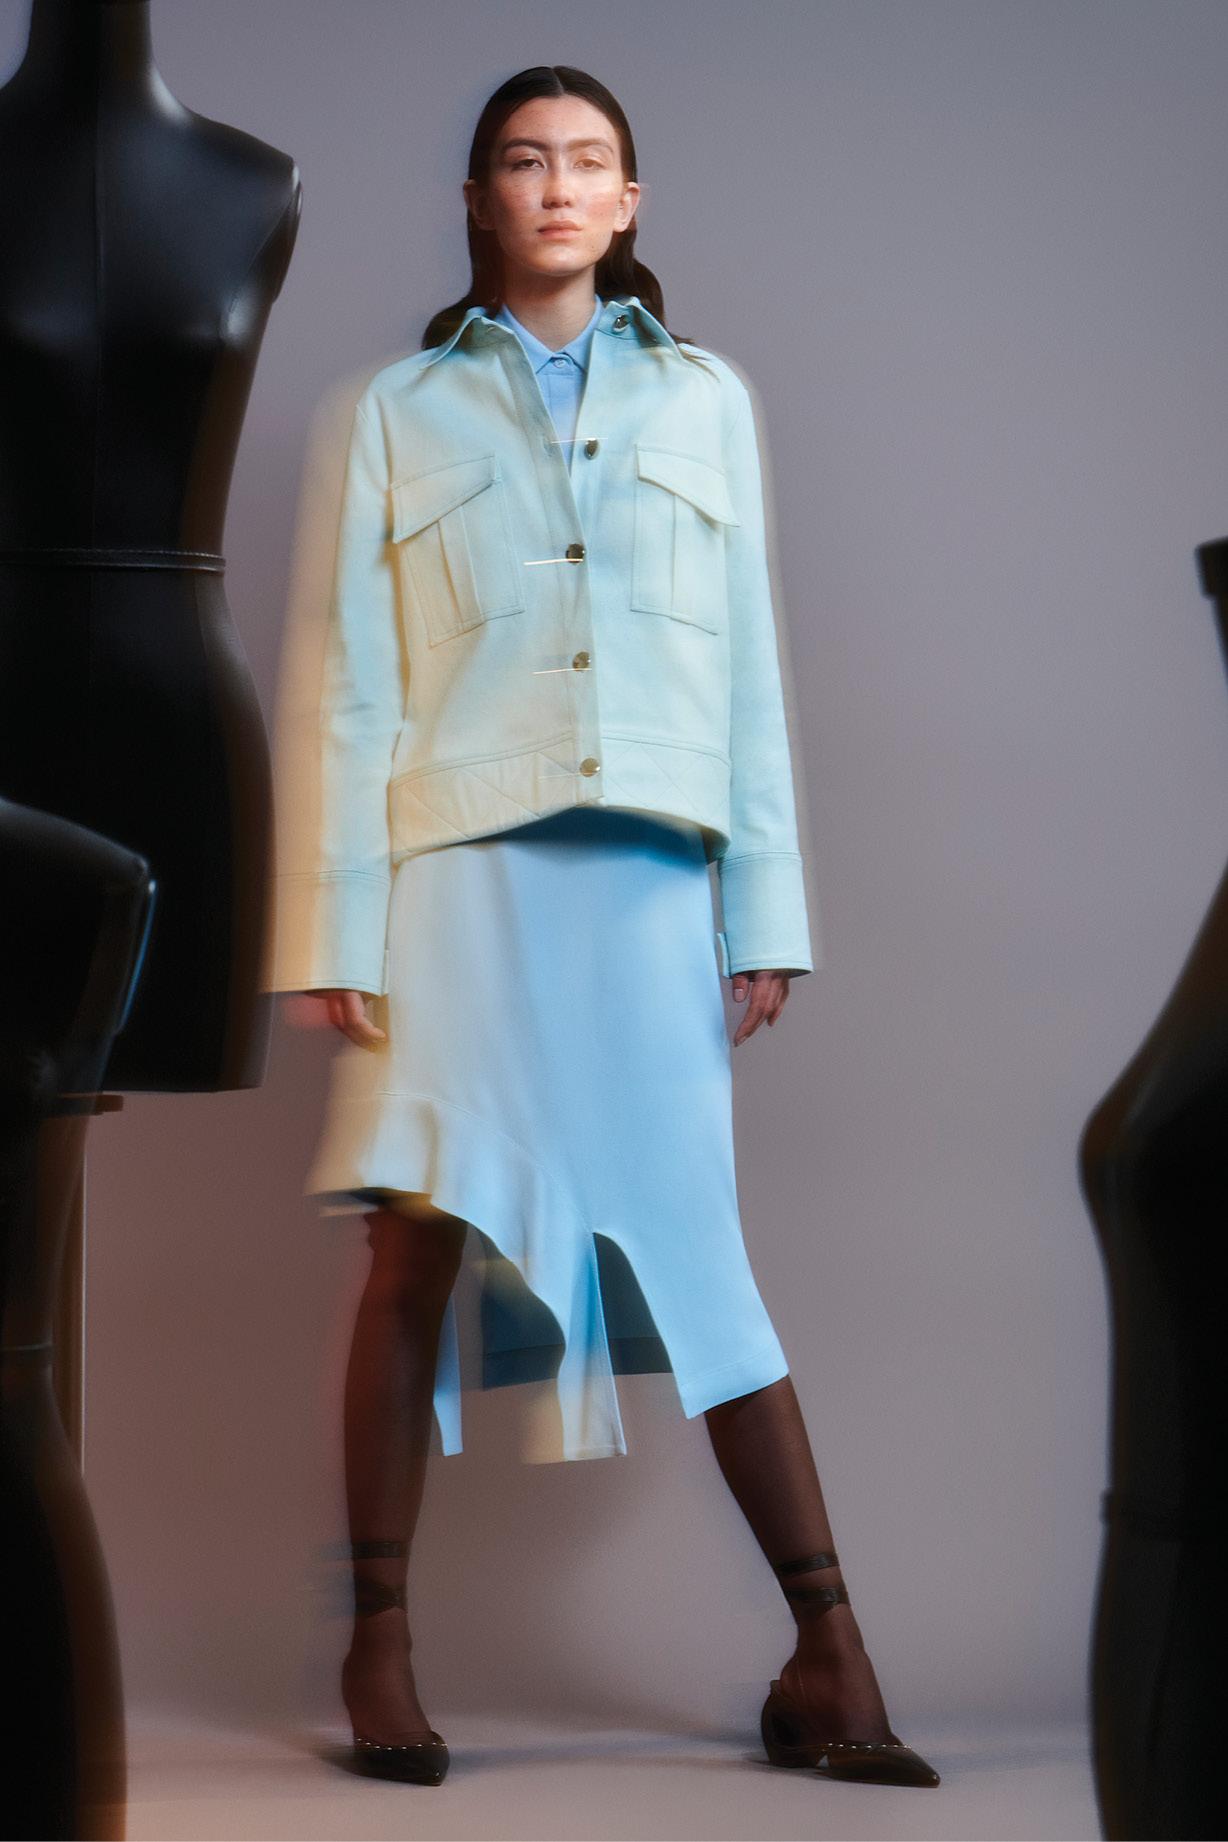 Jaqueta, camisa, saia e sapatos, Modem; meias, Calzedonia.